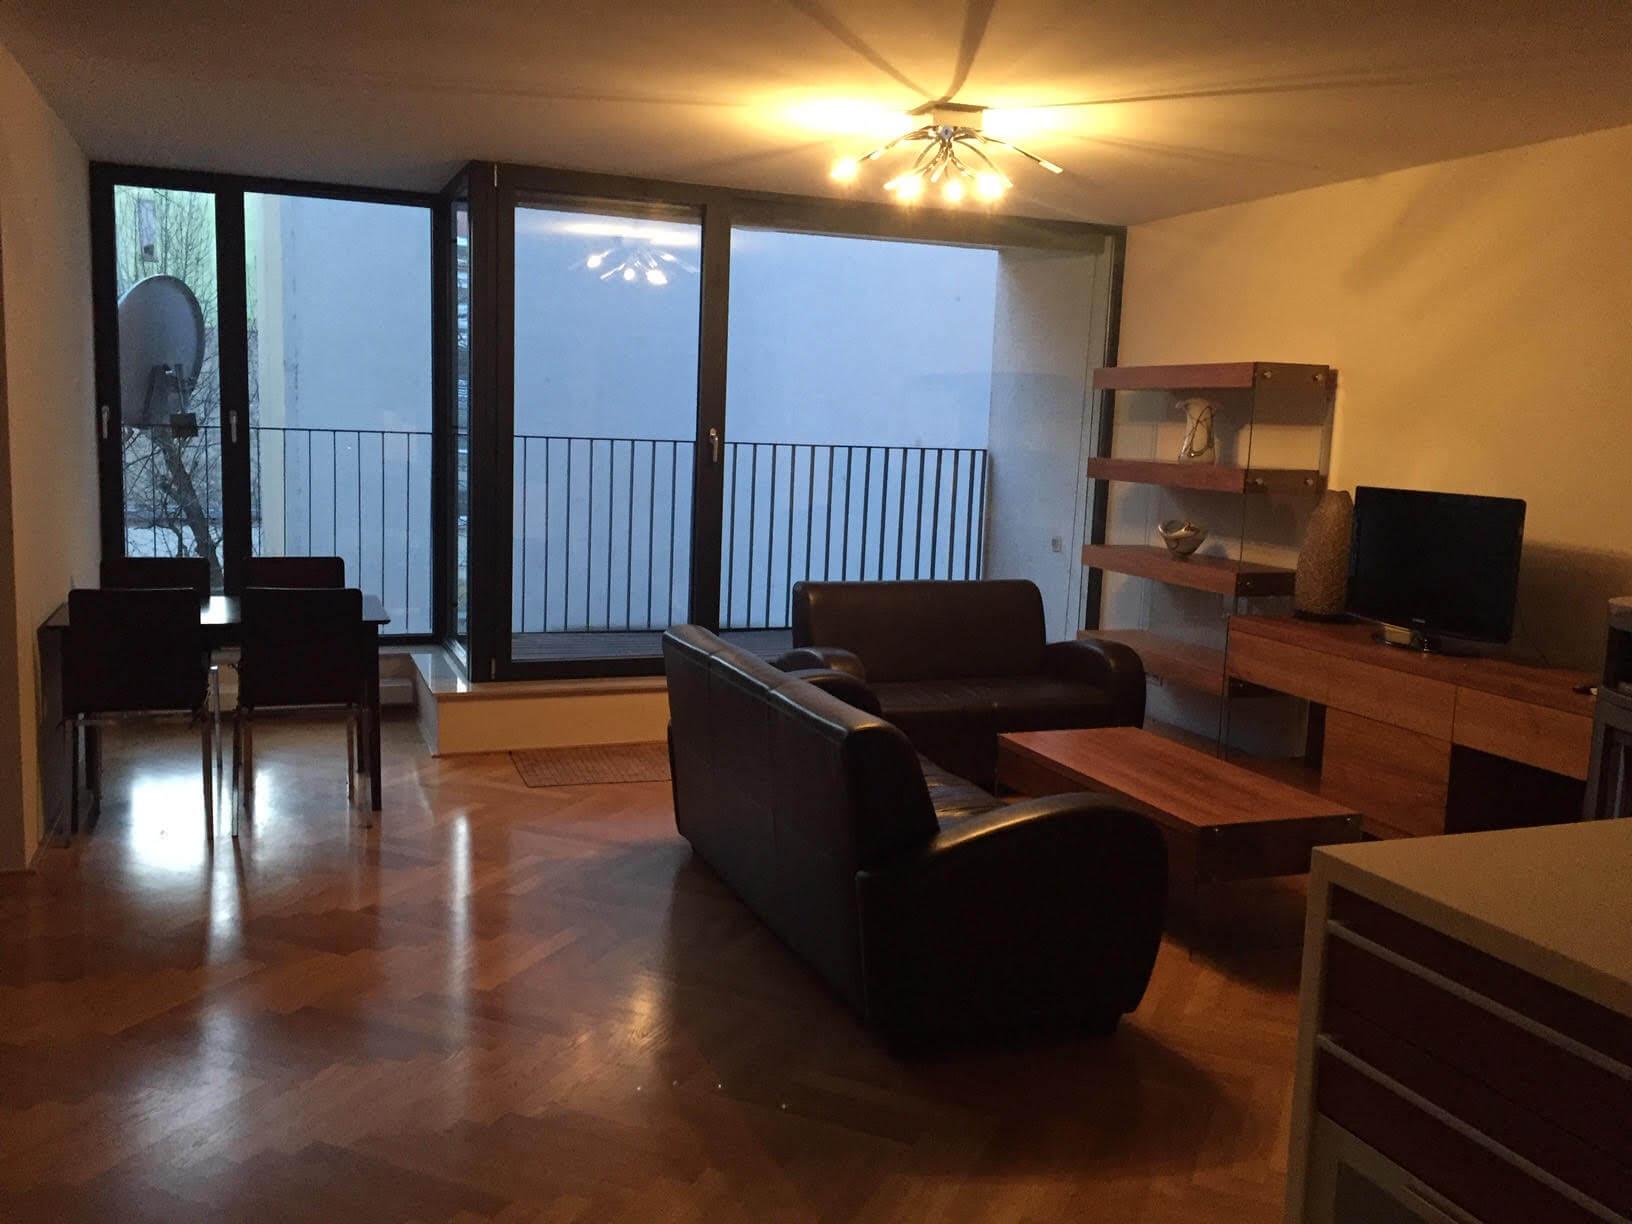 Prenajaté: Luxusný 3 izbový byt v centre BA, 88m2, Dunajská 48, balkón 6m, garážové státie,klimatizácia, krb-1